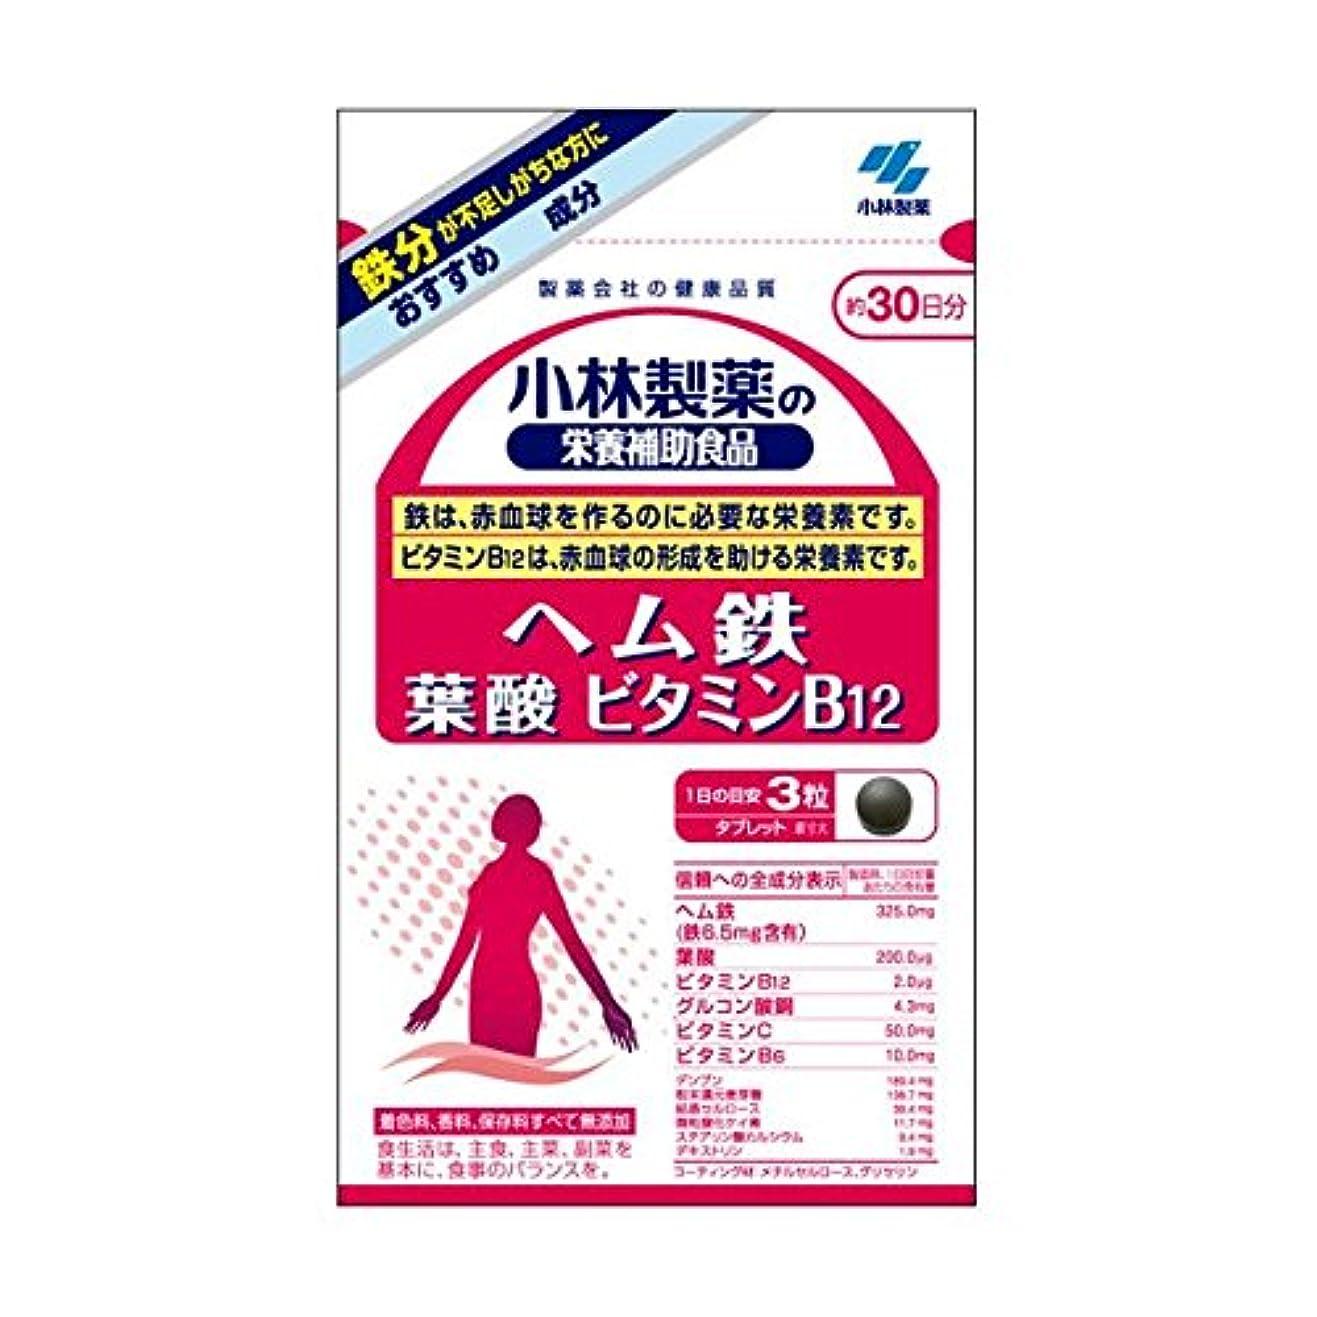 ボクシング些細セレナ小林製薬 小林製薬の栄養補助食品ヘム鉄葉酸ビタミンB12 90粒×2